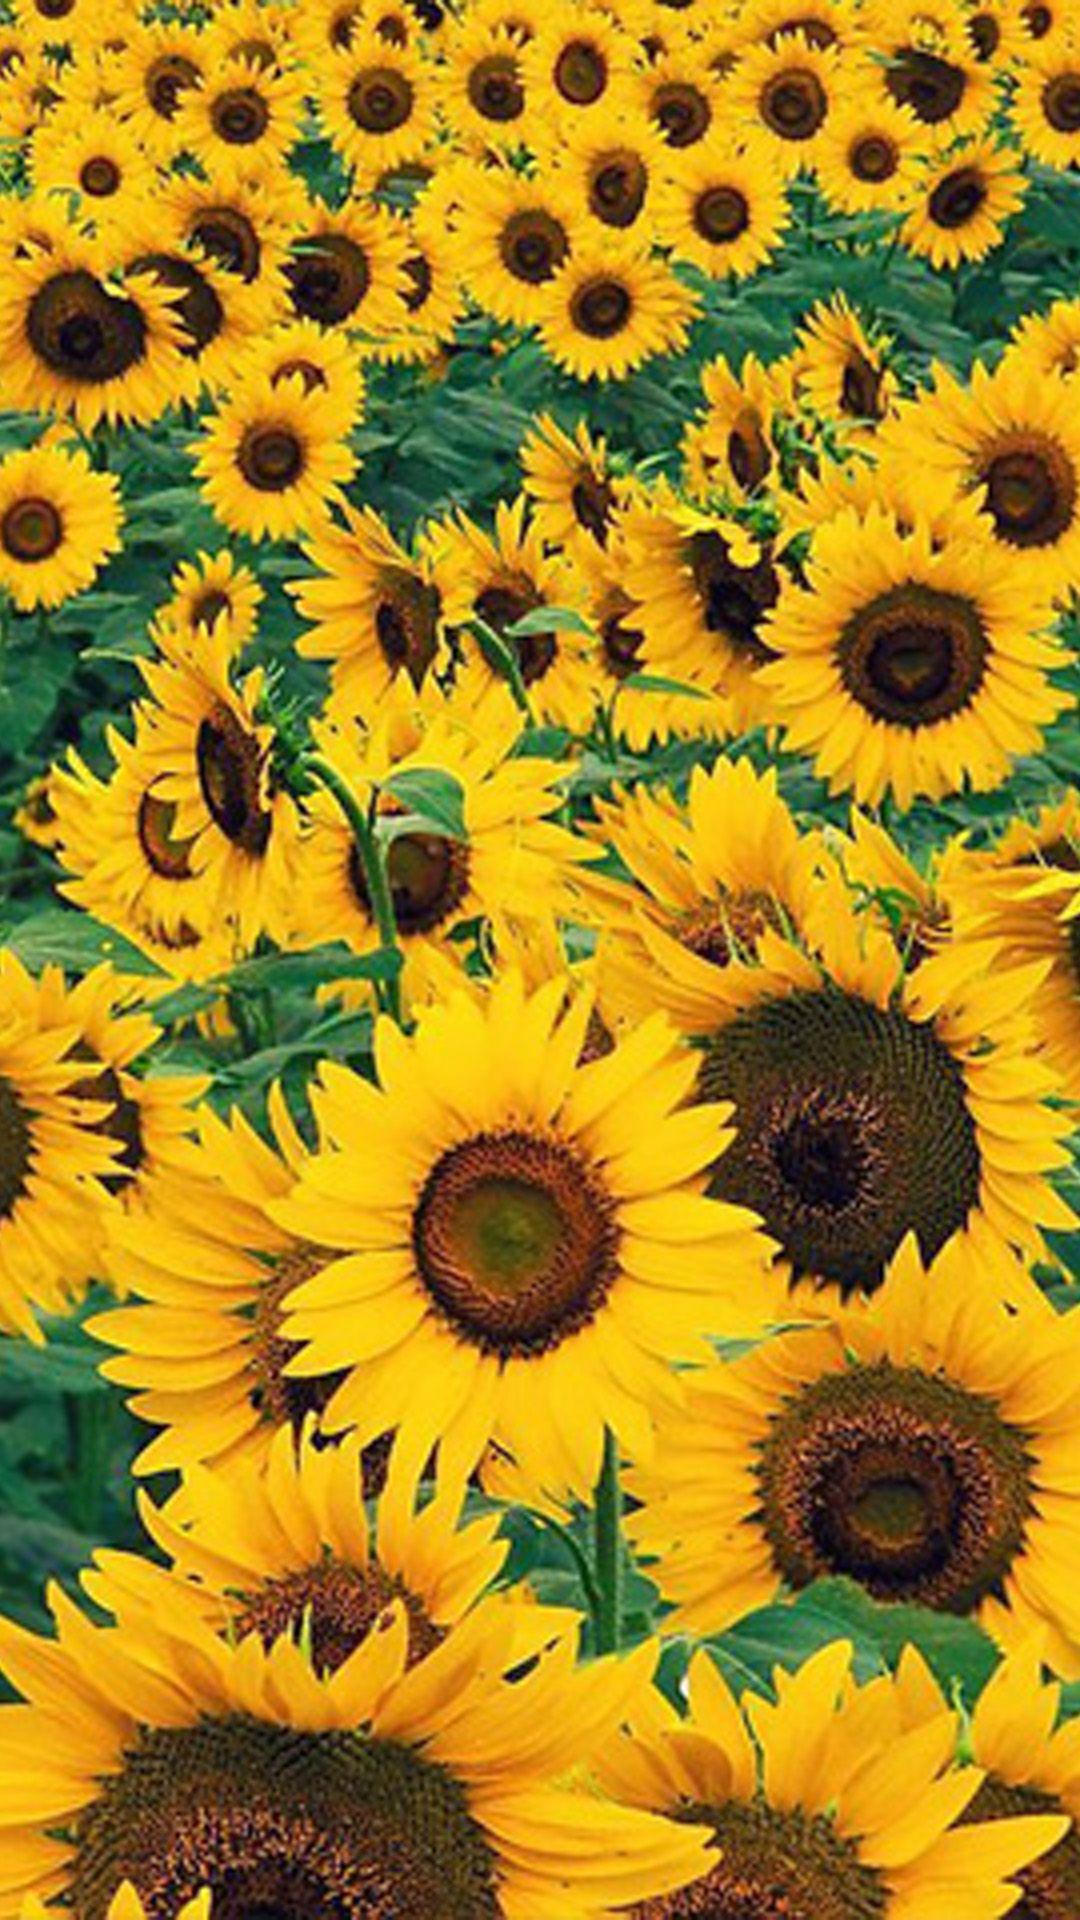 Sunflower Wallpapers Best